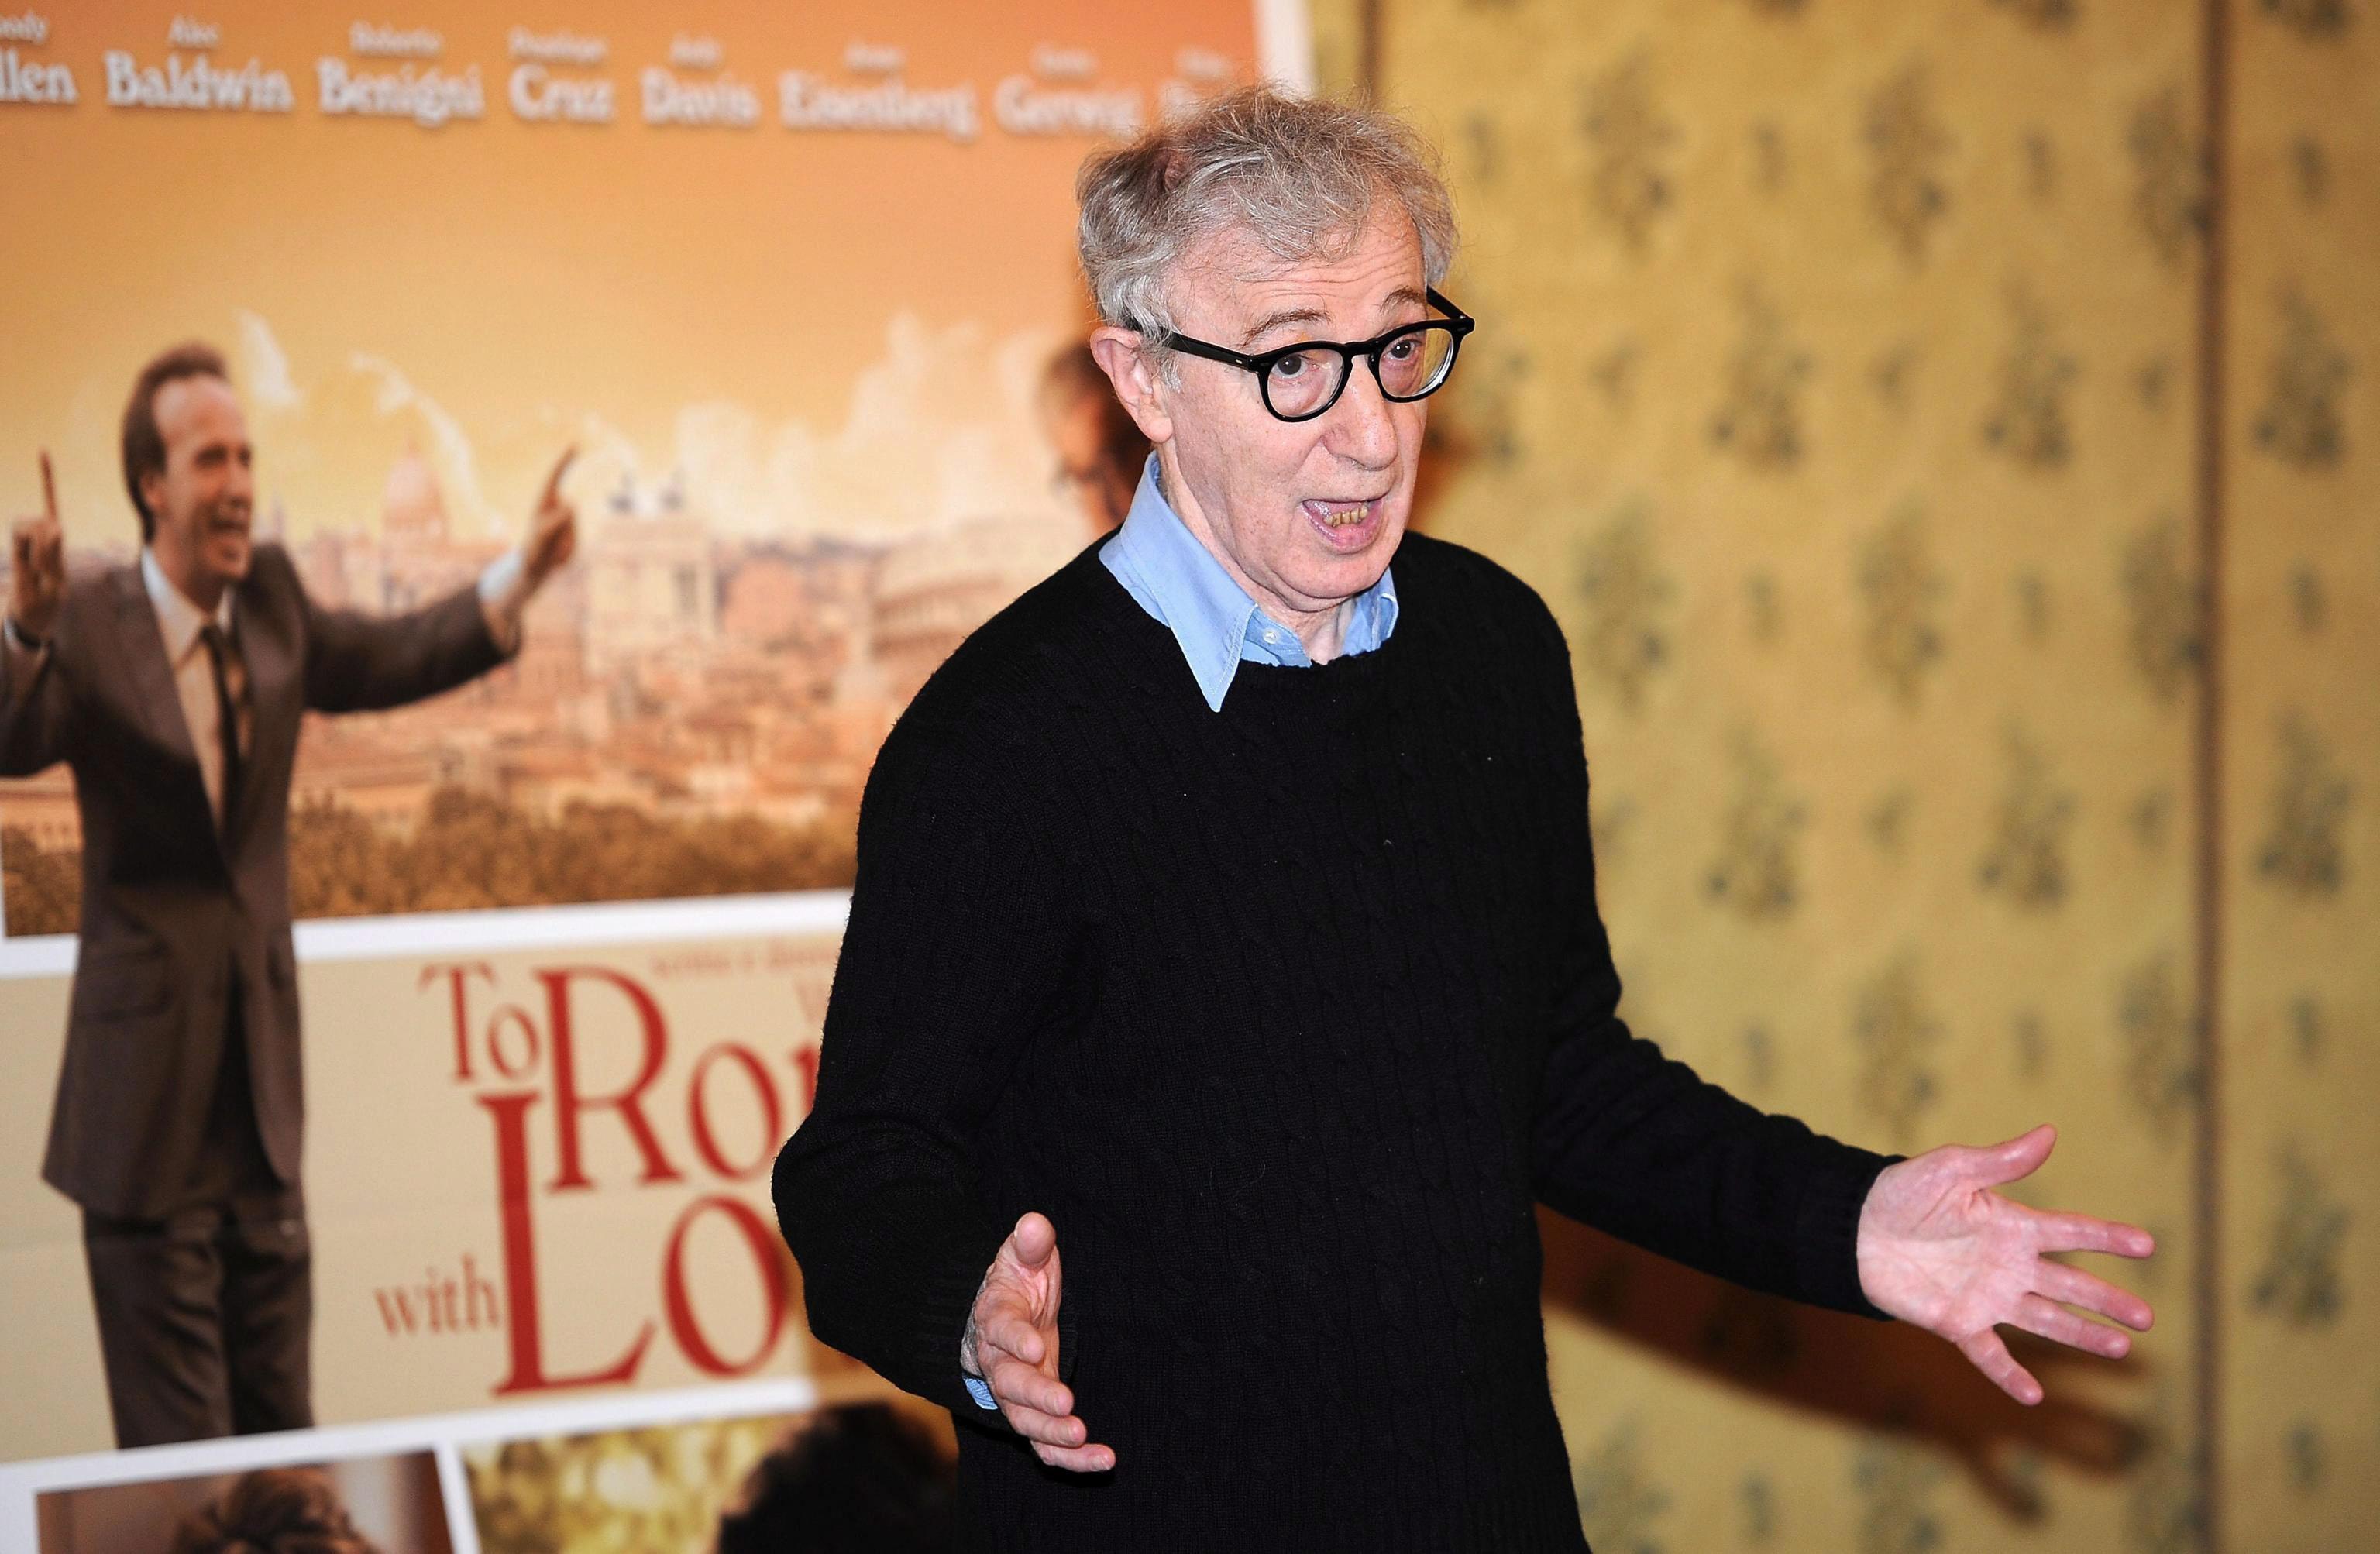 La hija adoptiva de Woody Allen cuenta cómo su padre abusó de ella de niña